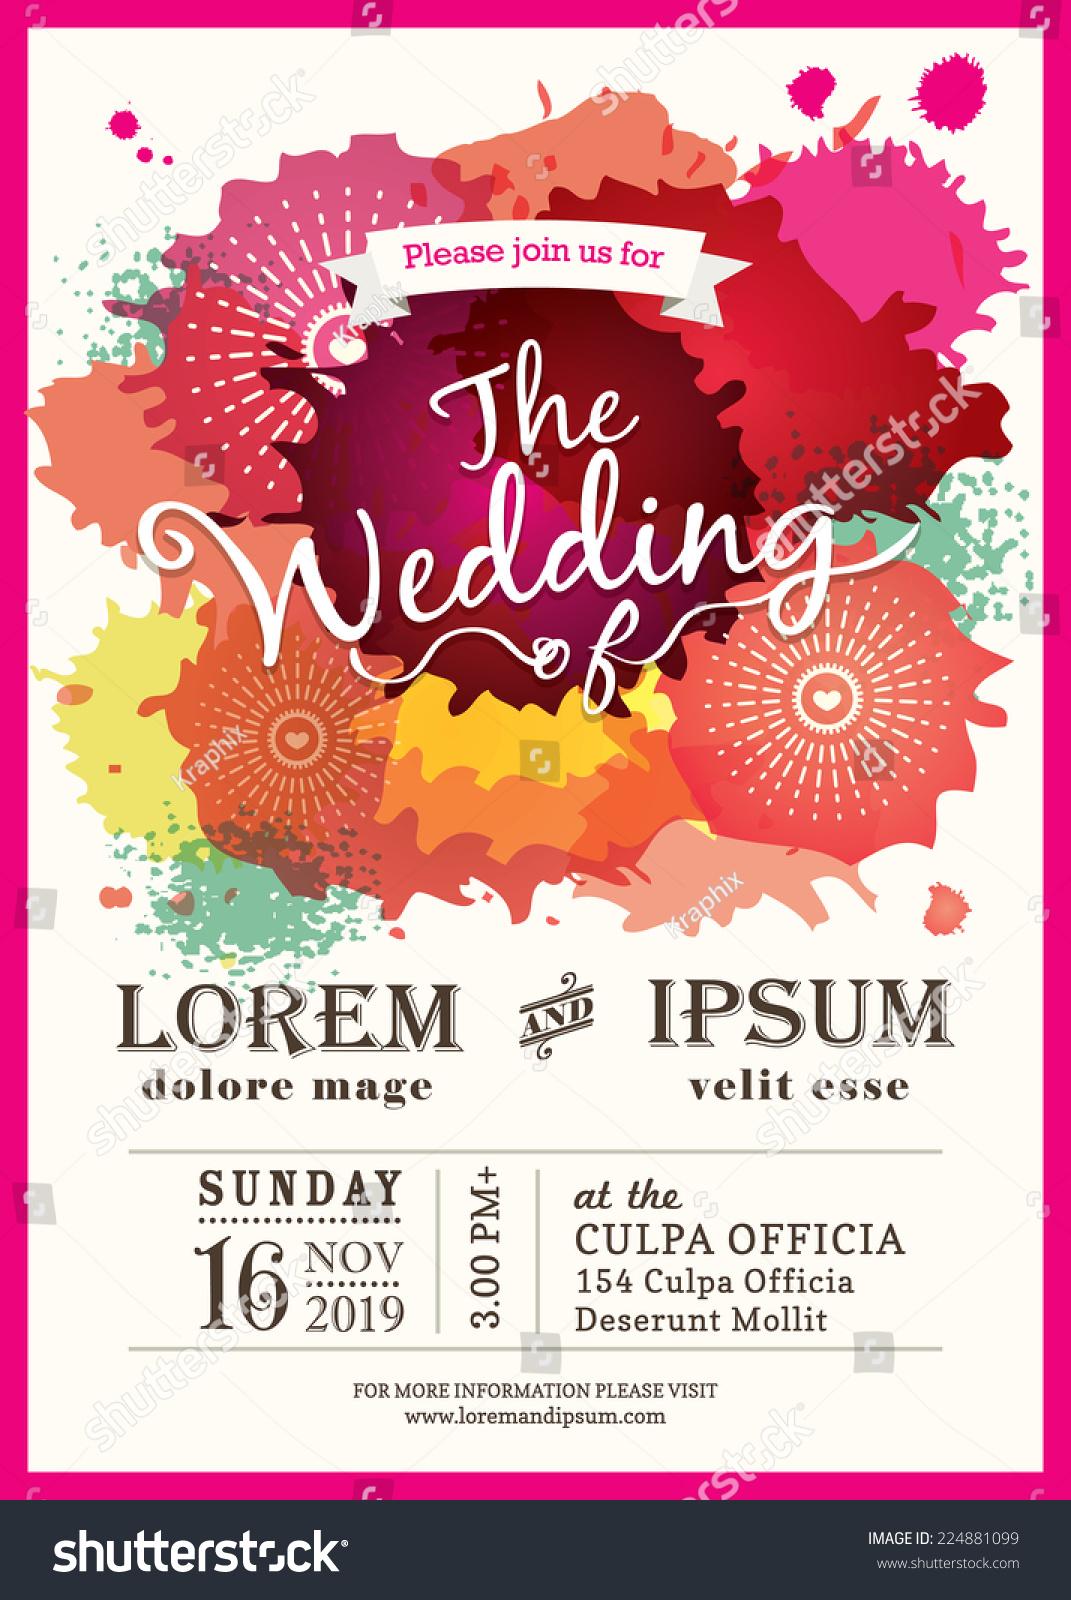 Color Splash Wedding Party Invitation Card Stock Vector (Royalty ...